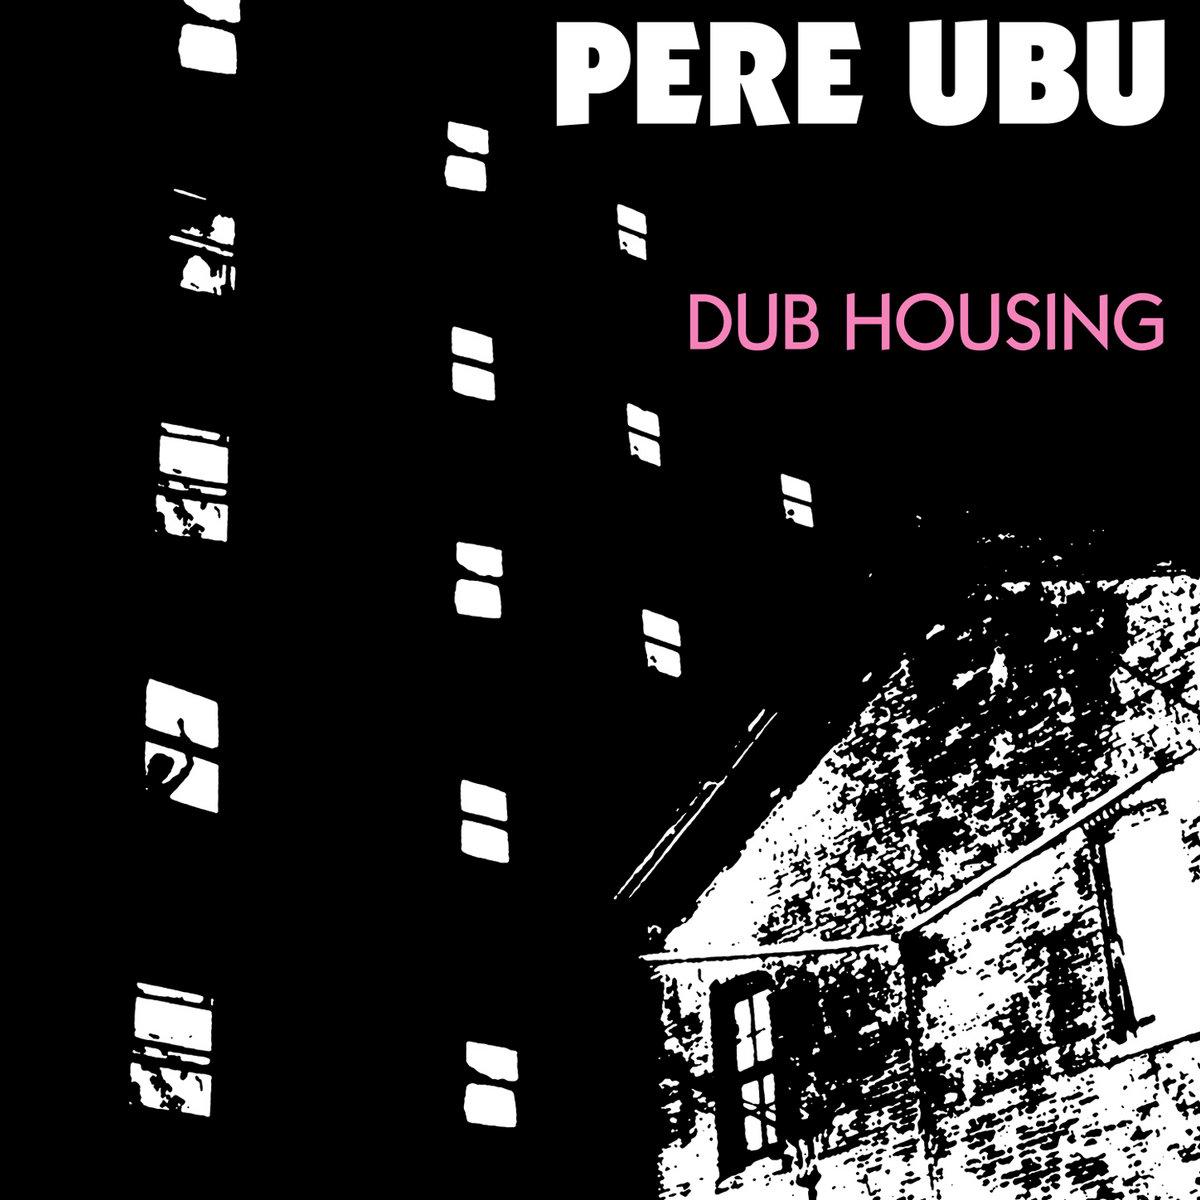 Pere Ubu - Dub Housing LP